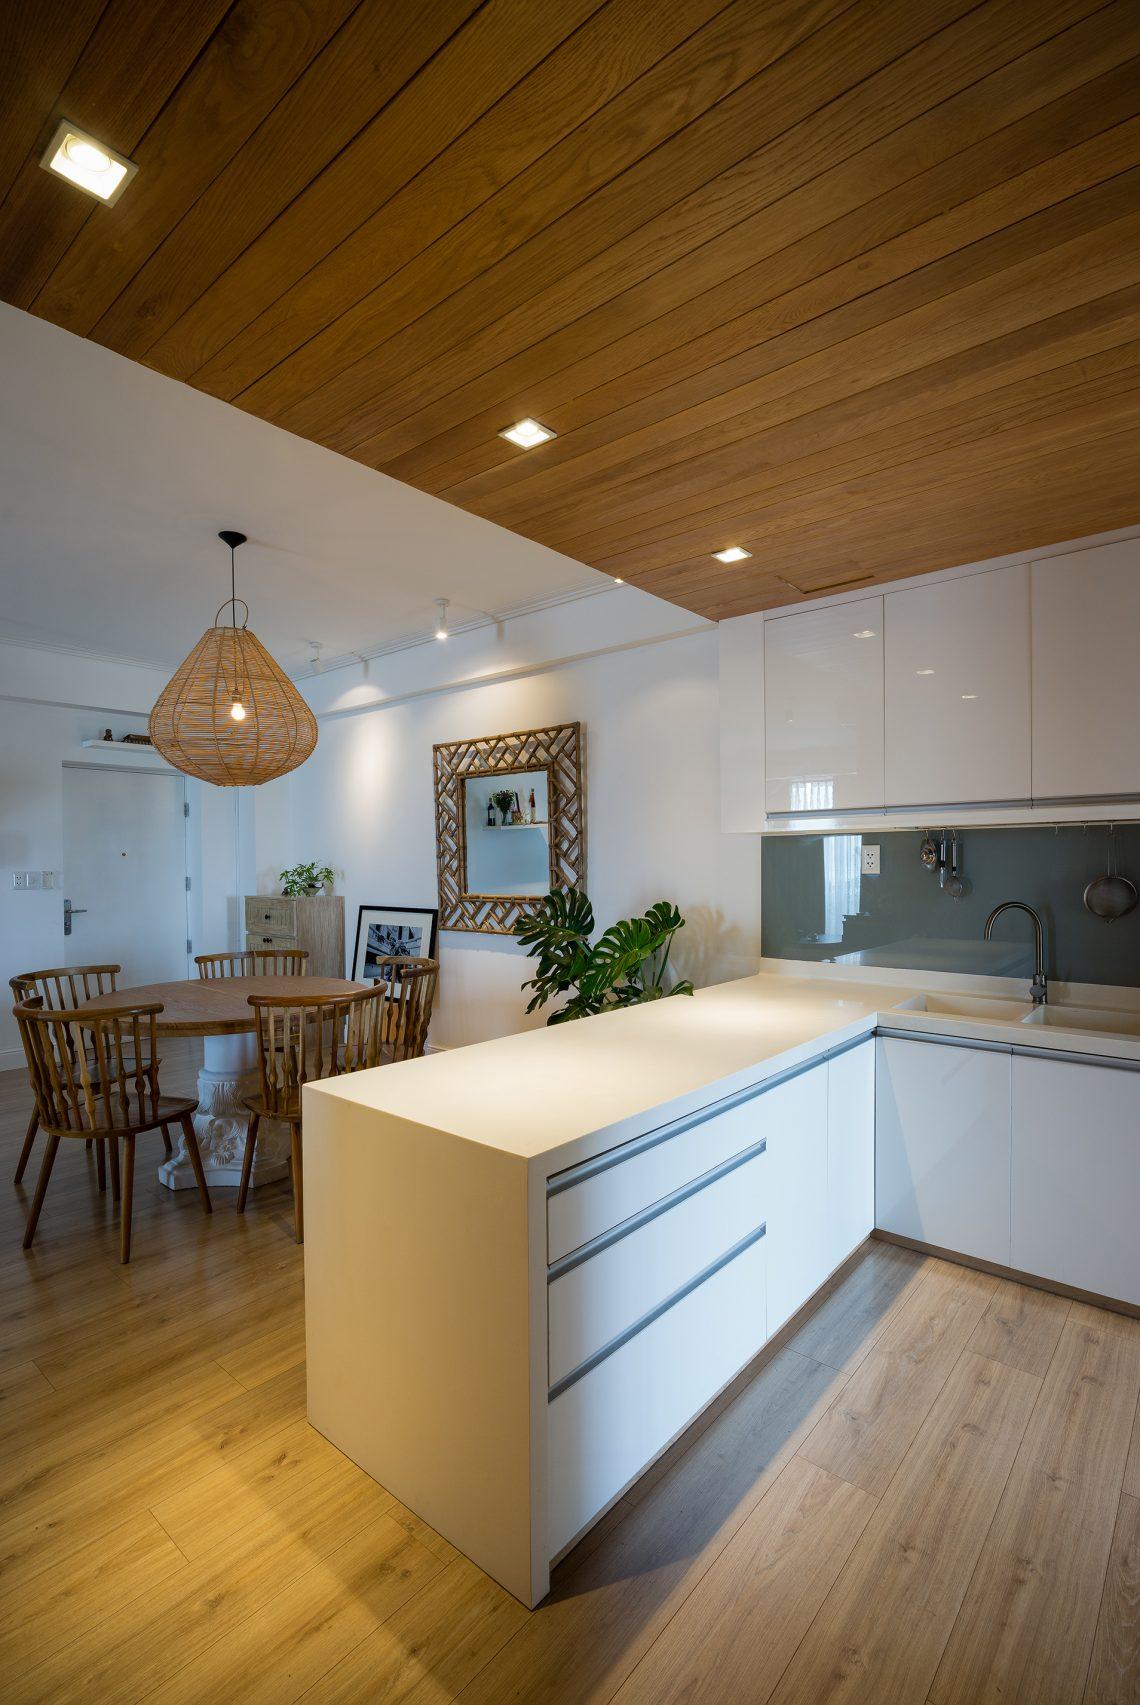 Phòng bếp được ngăn với góc dùng bữa bởi đảo bếp trắng cùng tông màu tủ bếp.